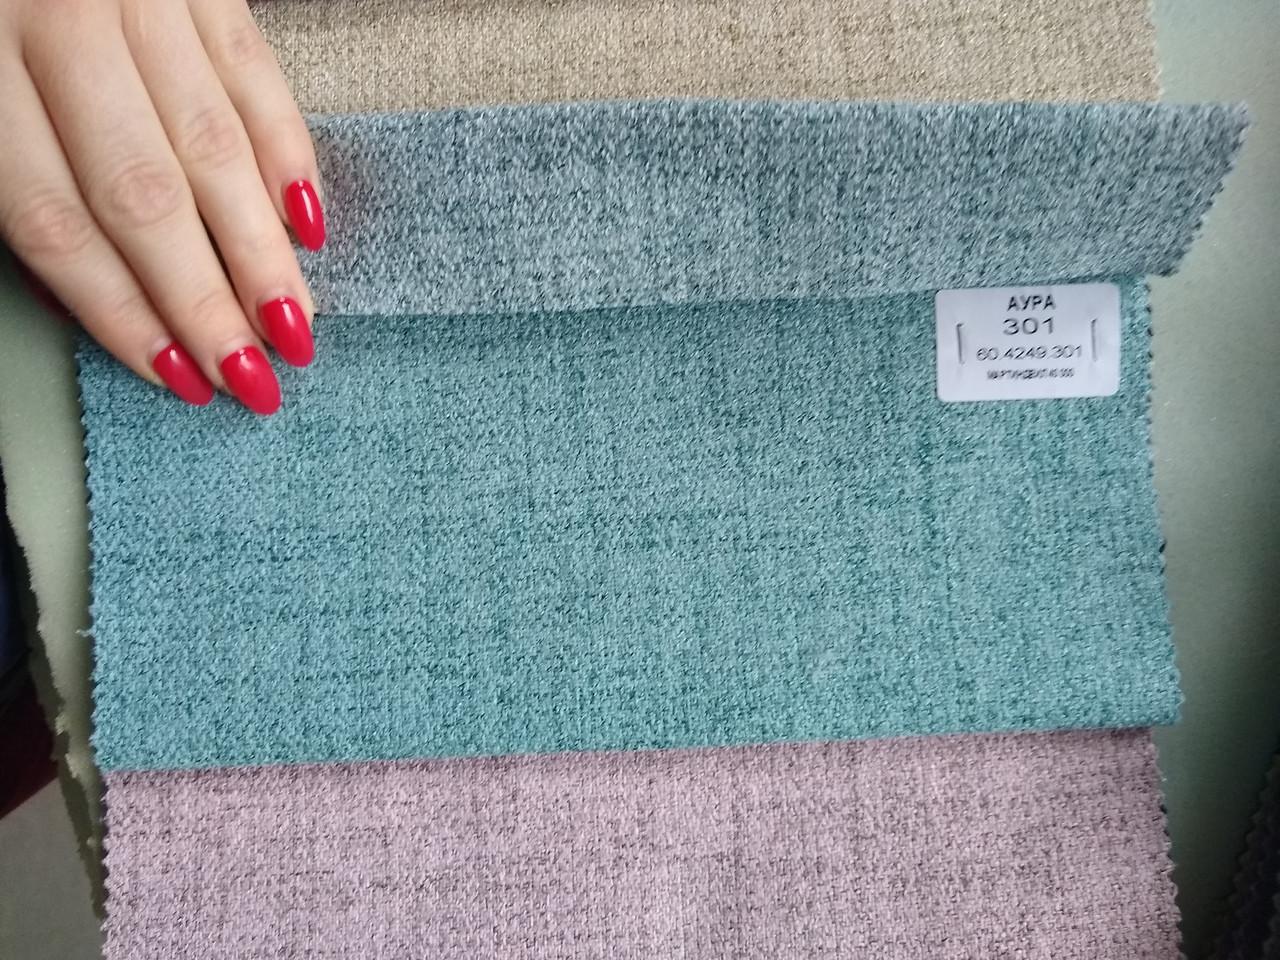 Обивка для дивана ткань рогожка АУРА 301